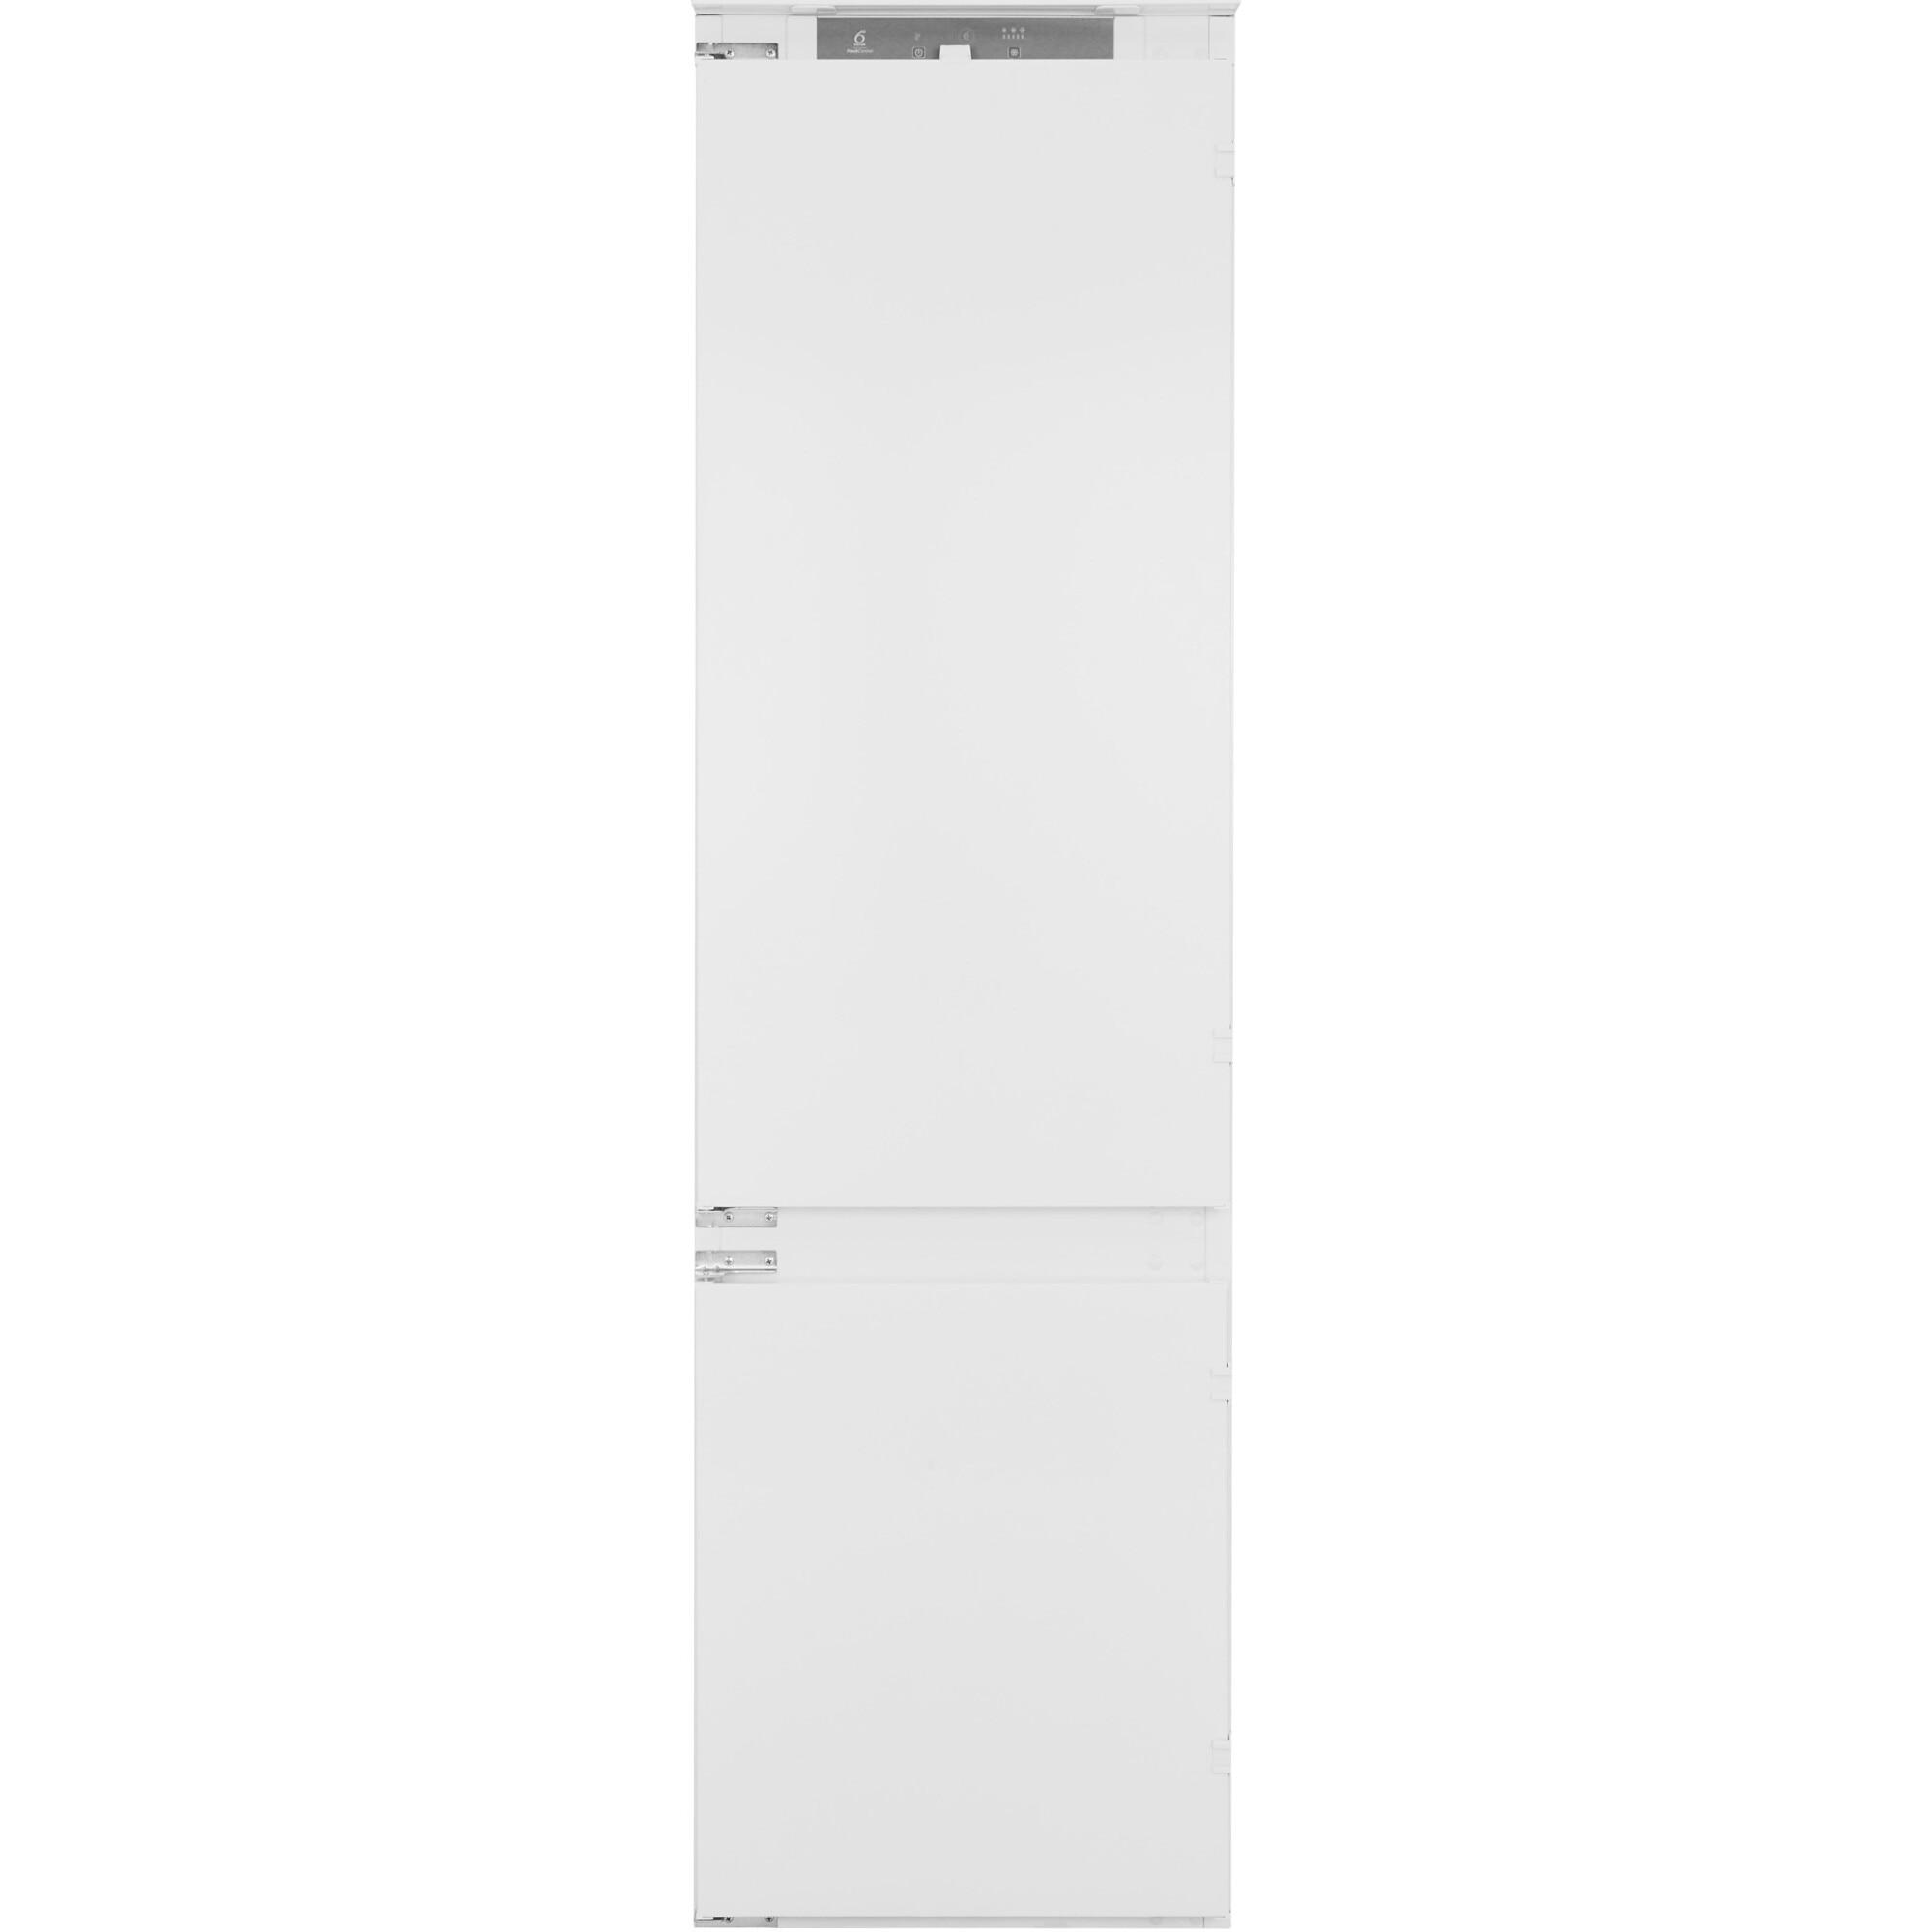 Fotografie Combina frigorifica incorporabila Whirlpool ART98101, 306 l, Clasa F, 6th Sense, H 193.5 cm, Inox